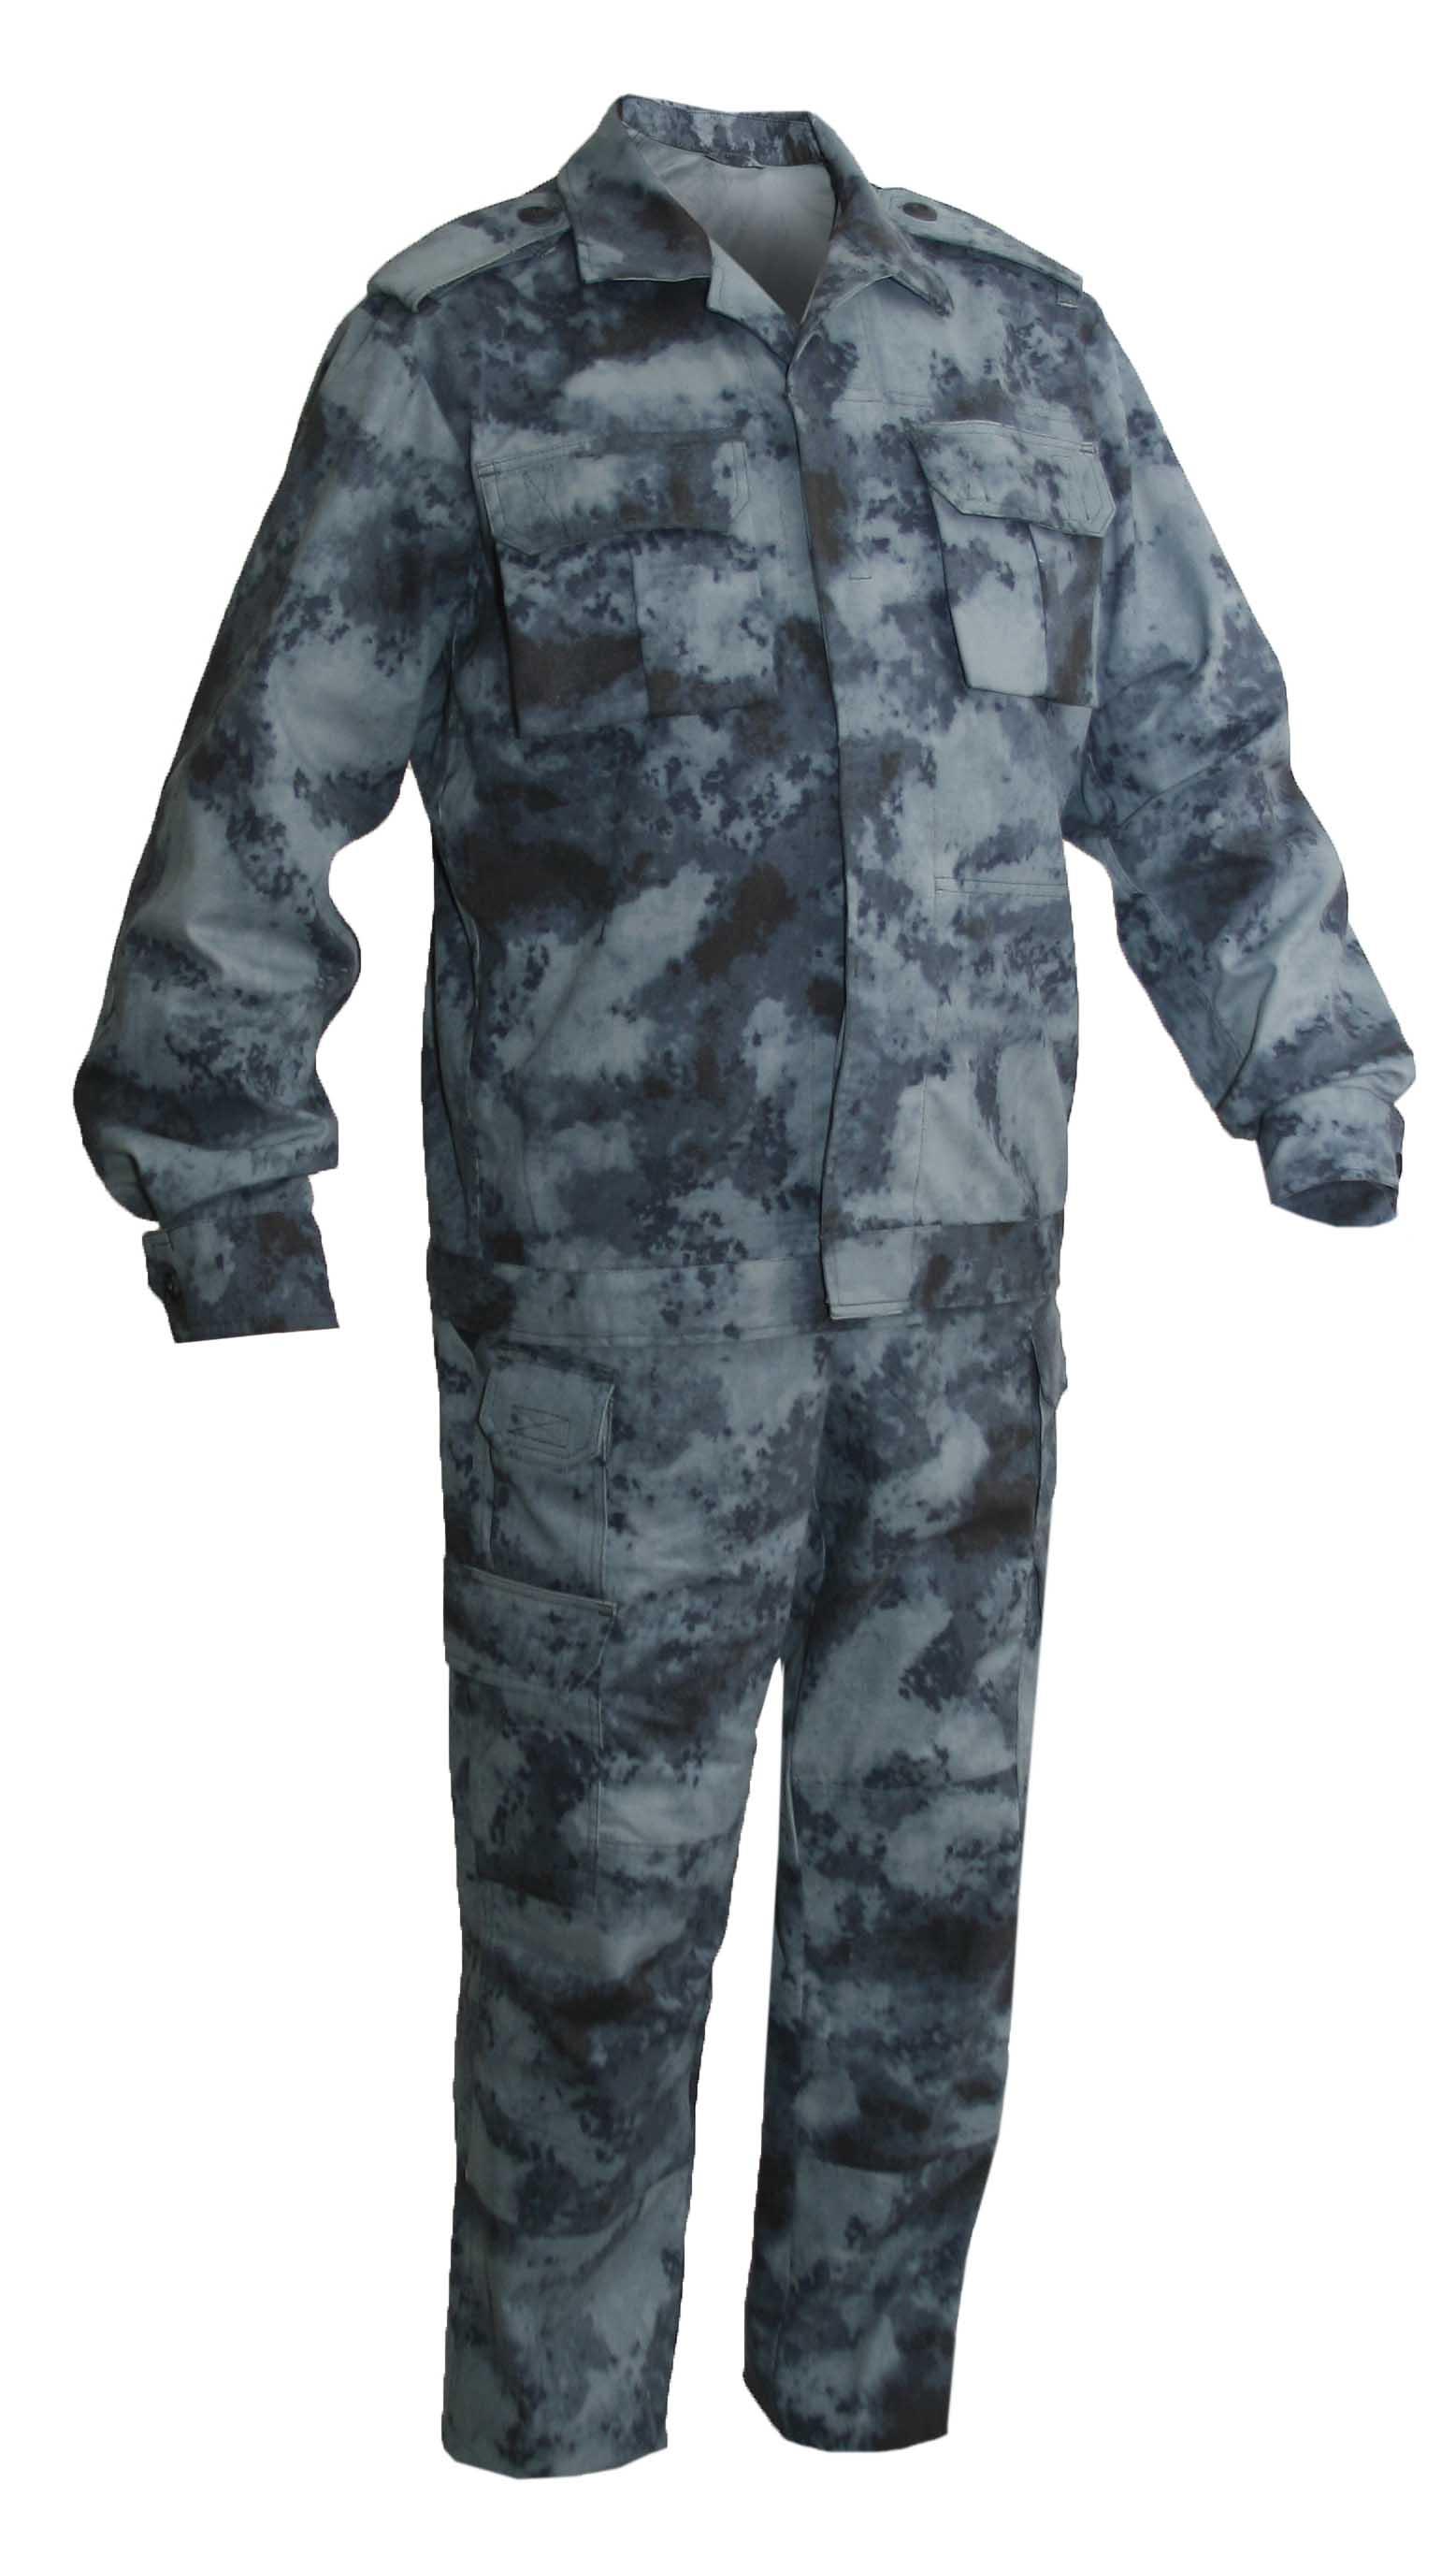 Костюм летний МПА-05 (НАТО-2), камуфляж туман, ткань Мираж-210